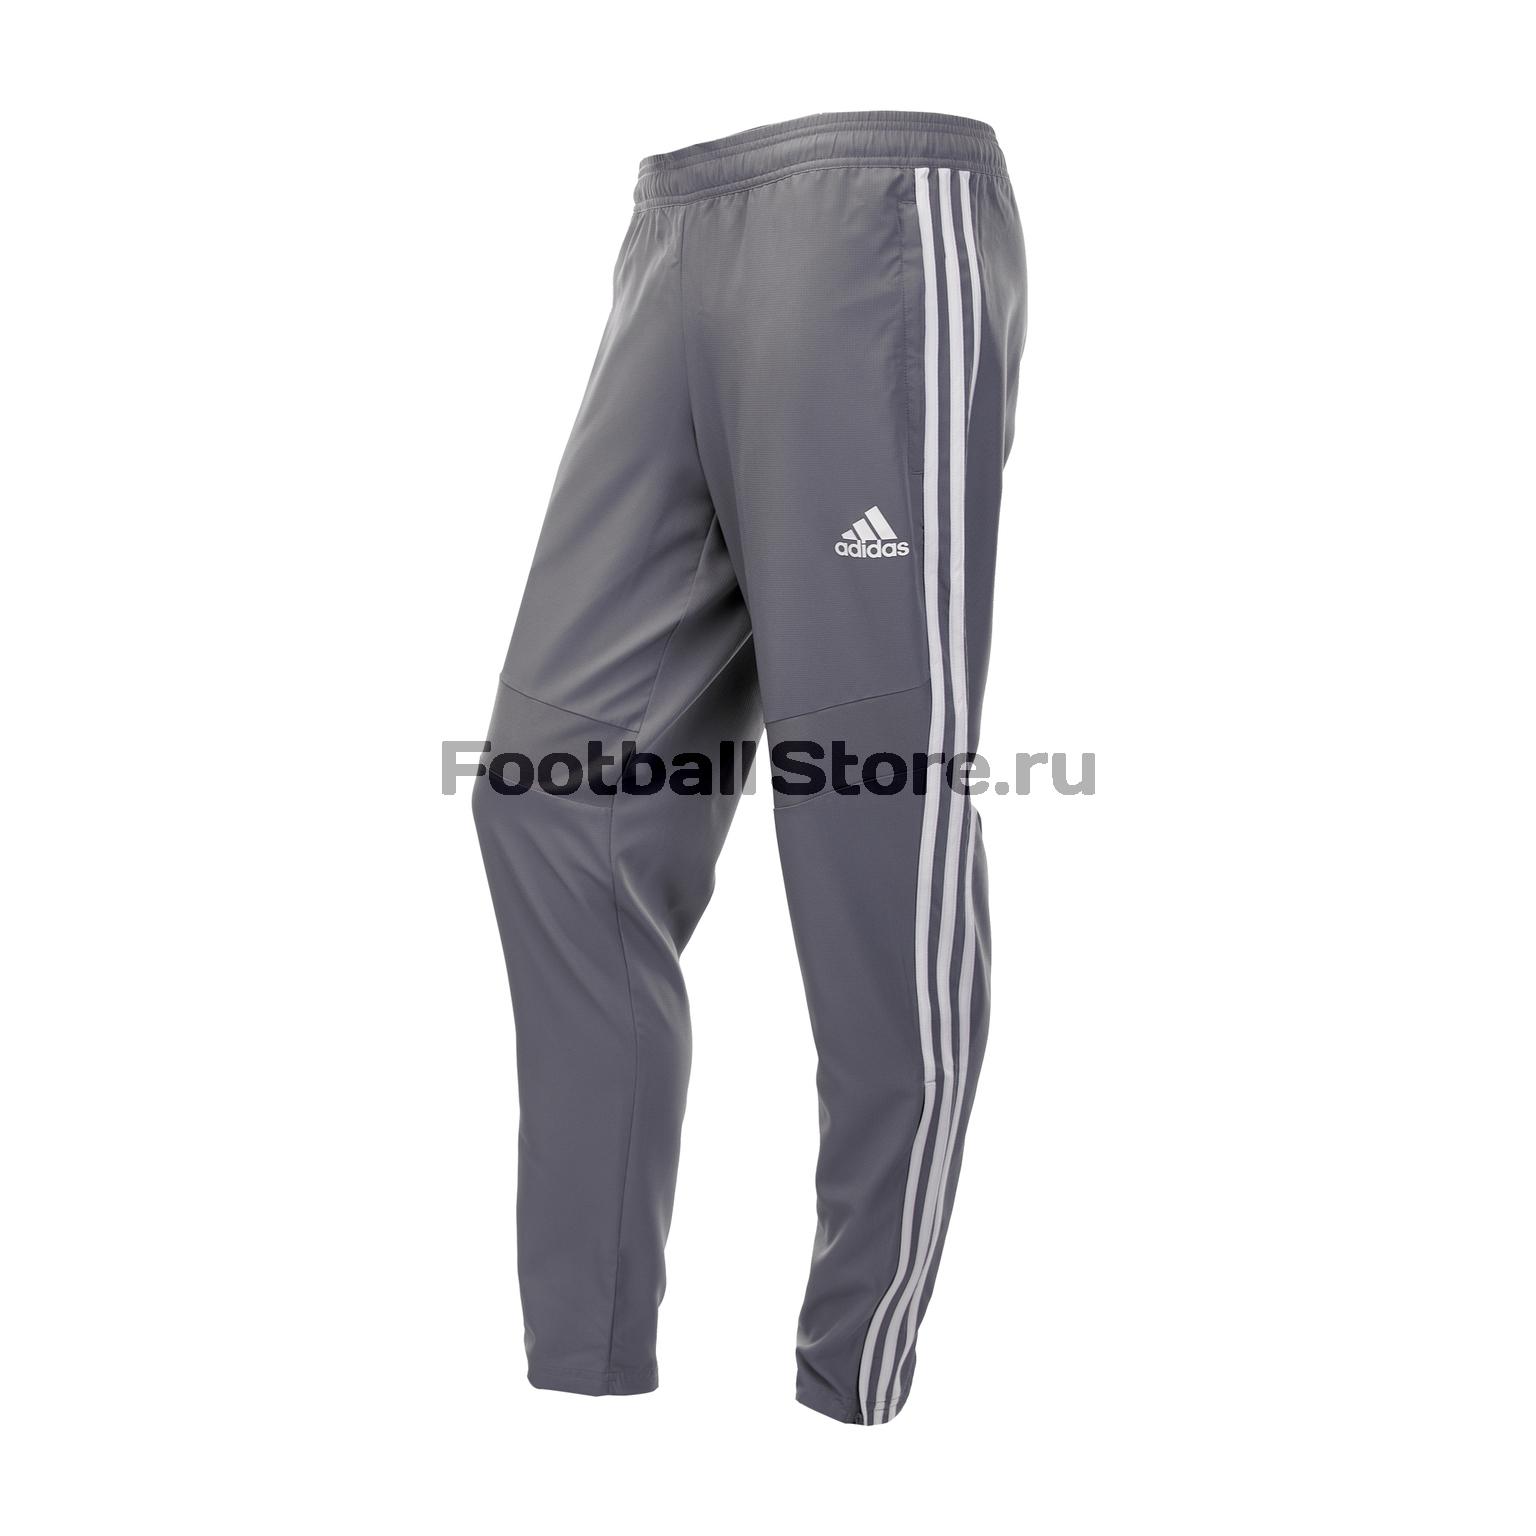 Брюки тренировочные Adidas Tiro19 Woven Pant DW4752 цена